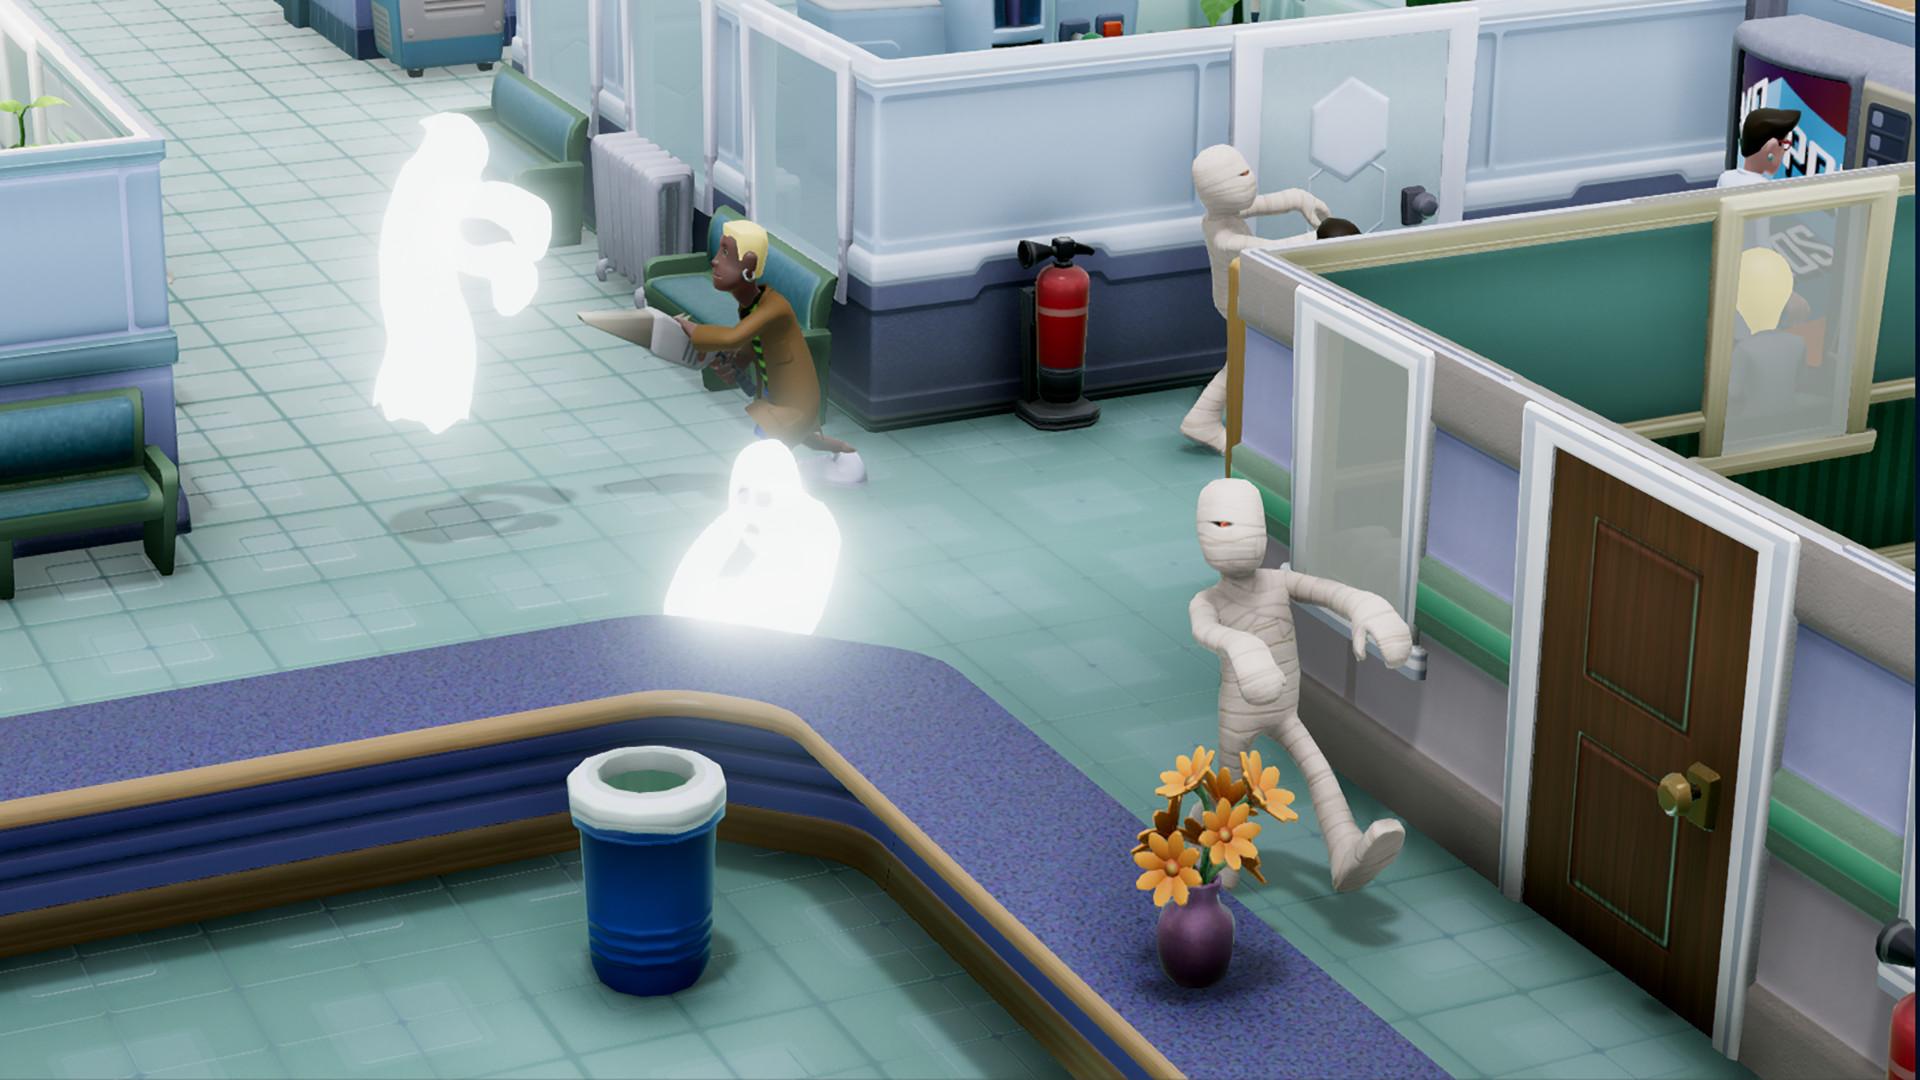 双点医院 - 叽咪叽咪 | 游戏评测